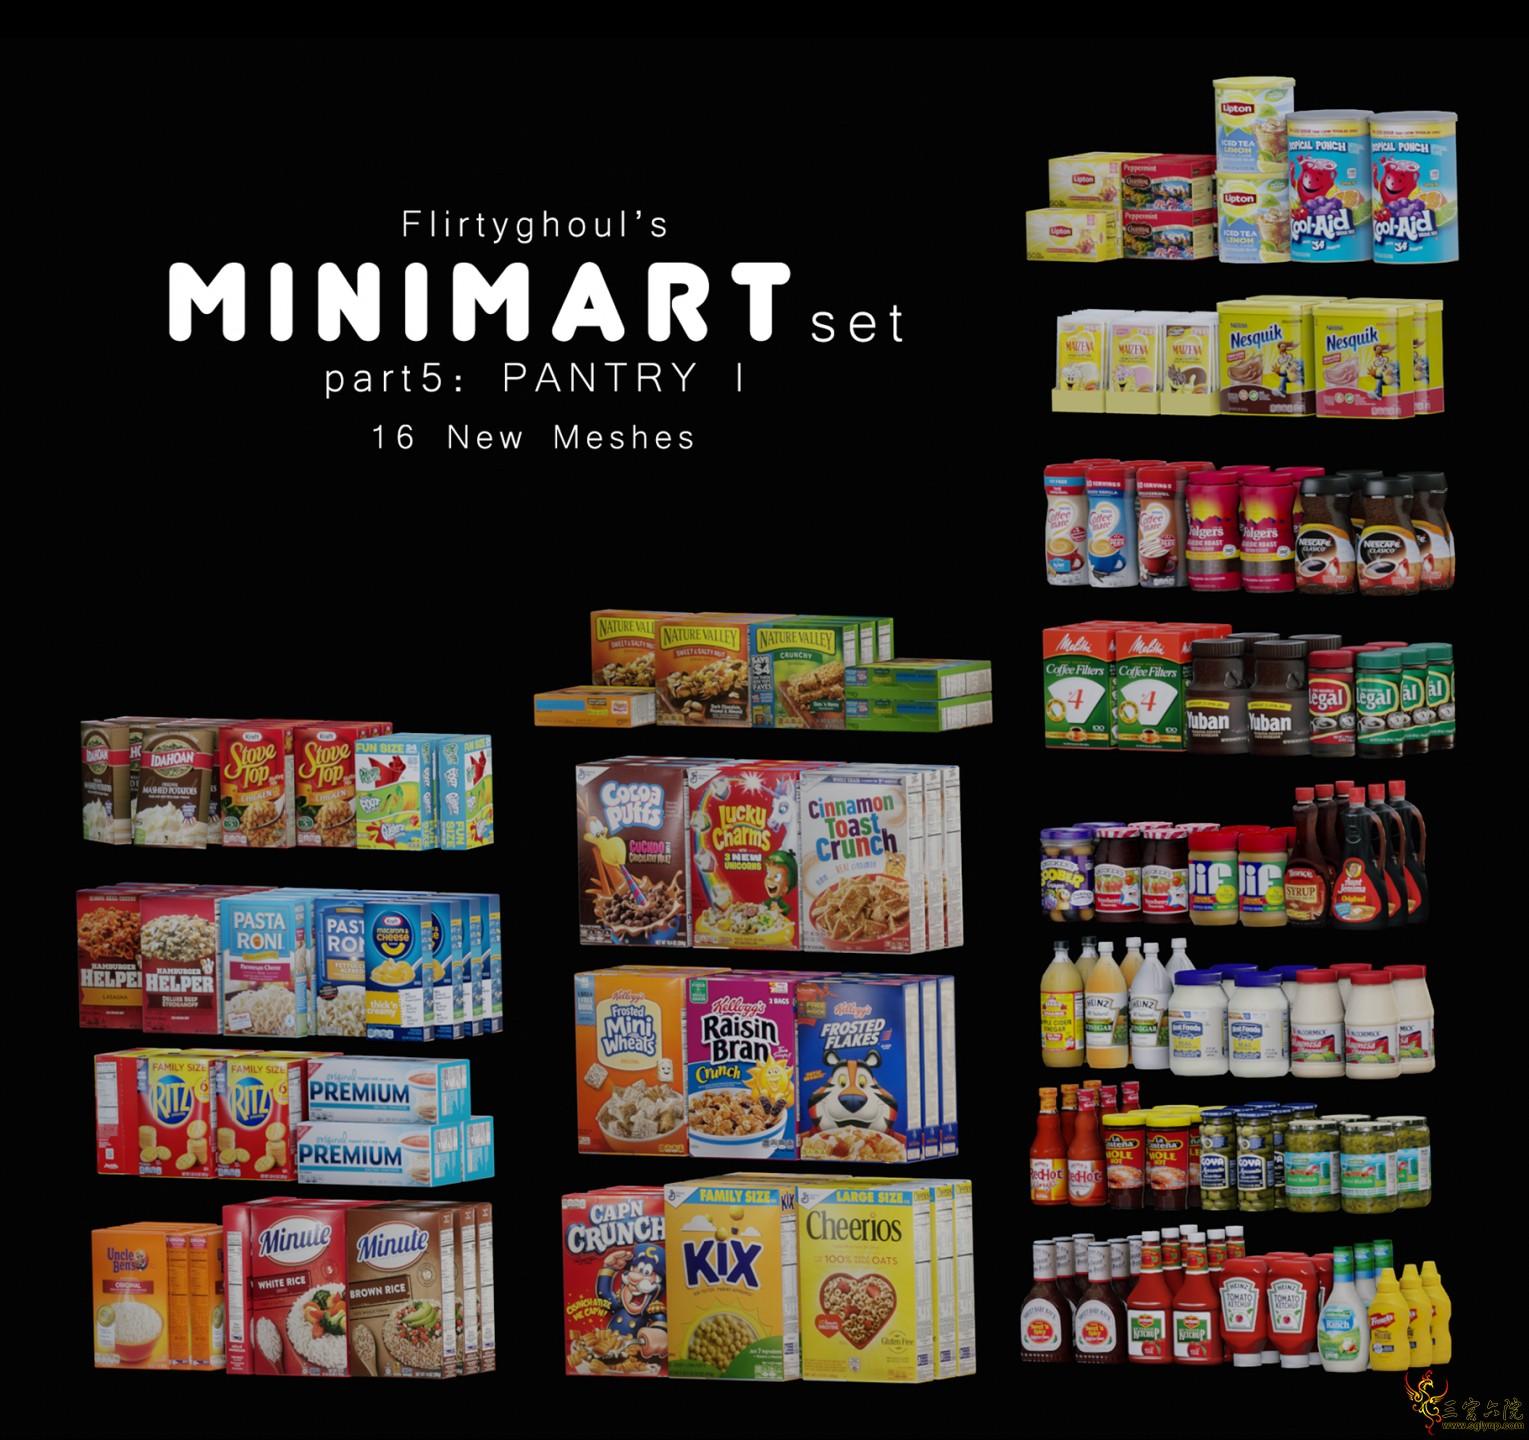 FG_Minimart_PART5_PANTRYSET_prev2.png